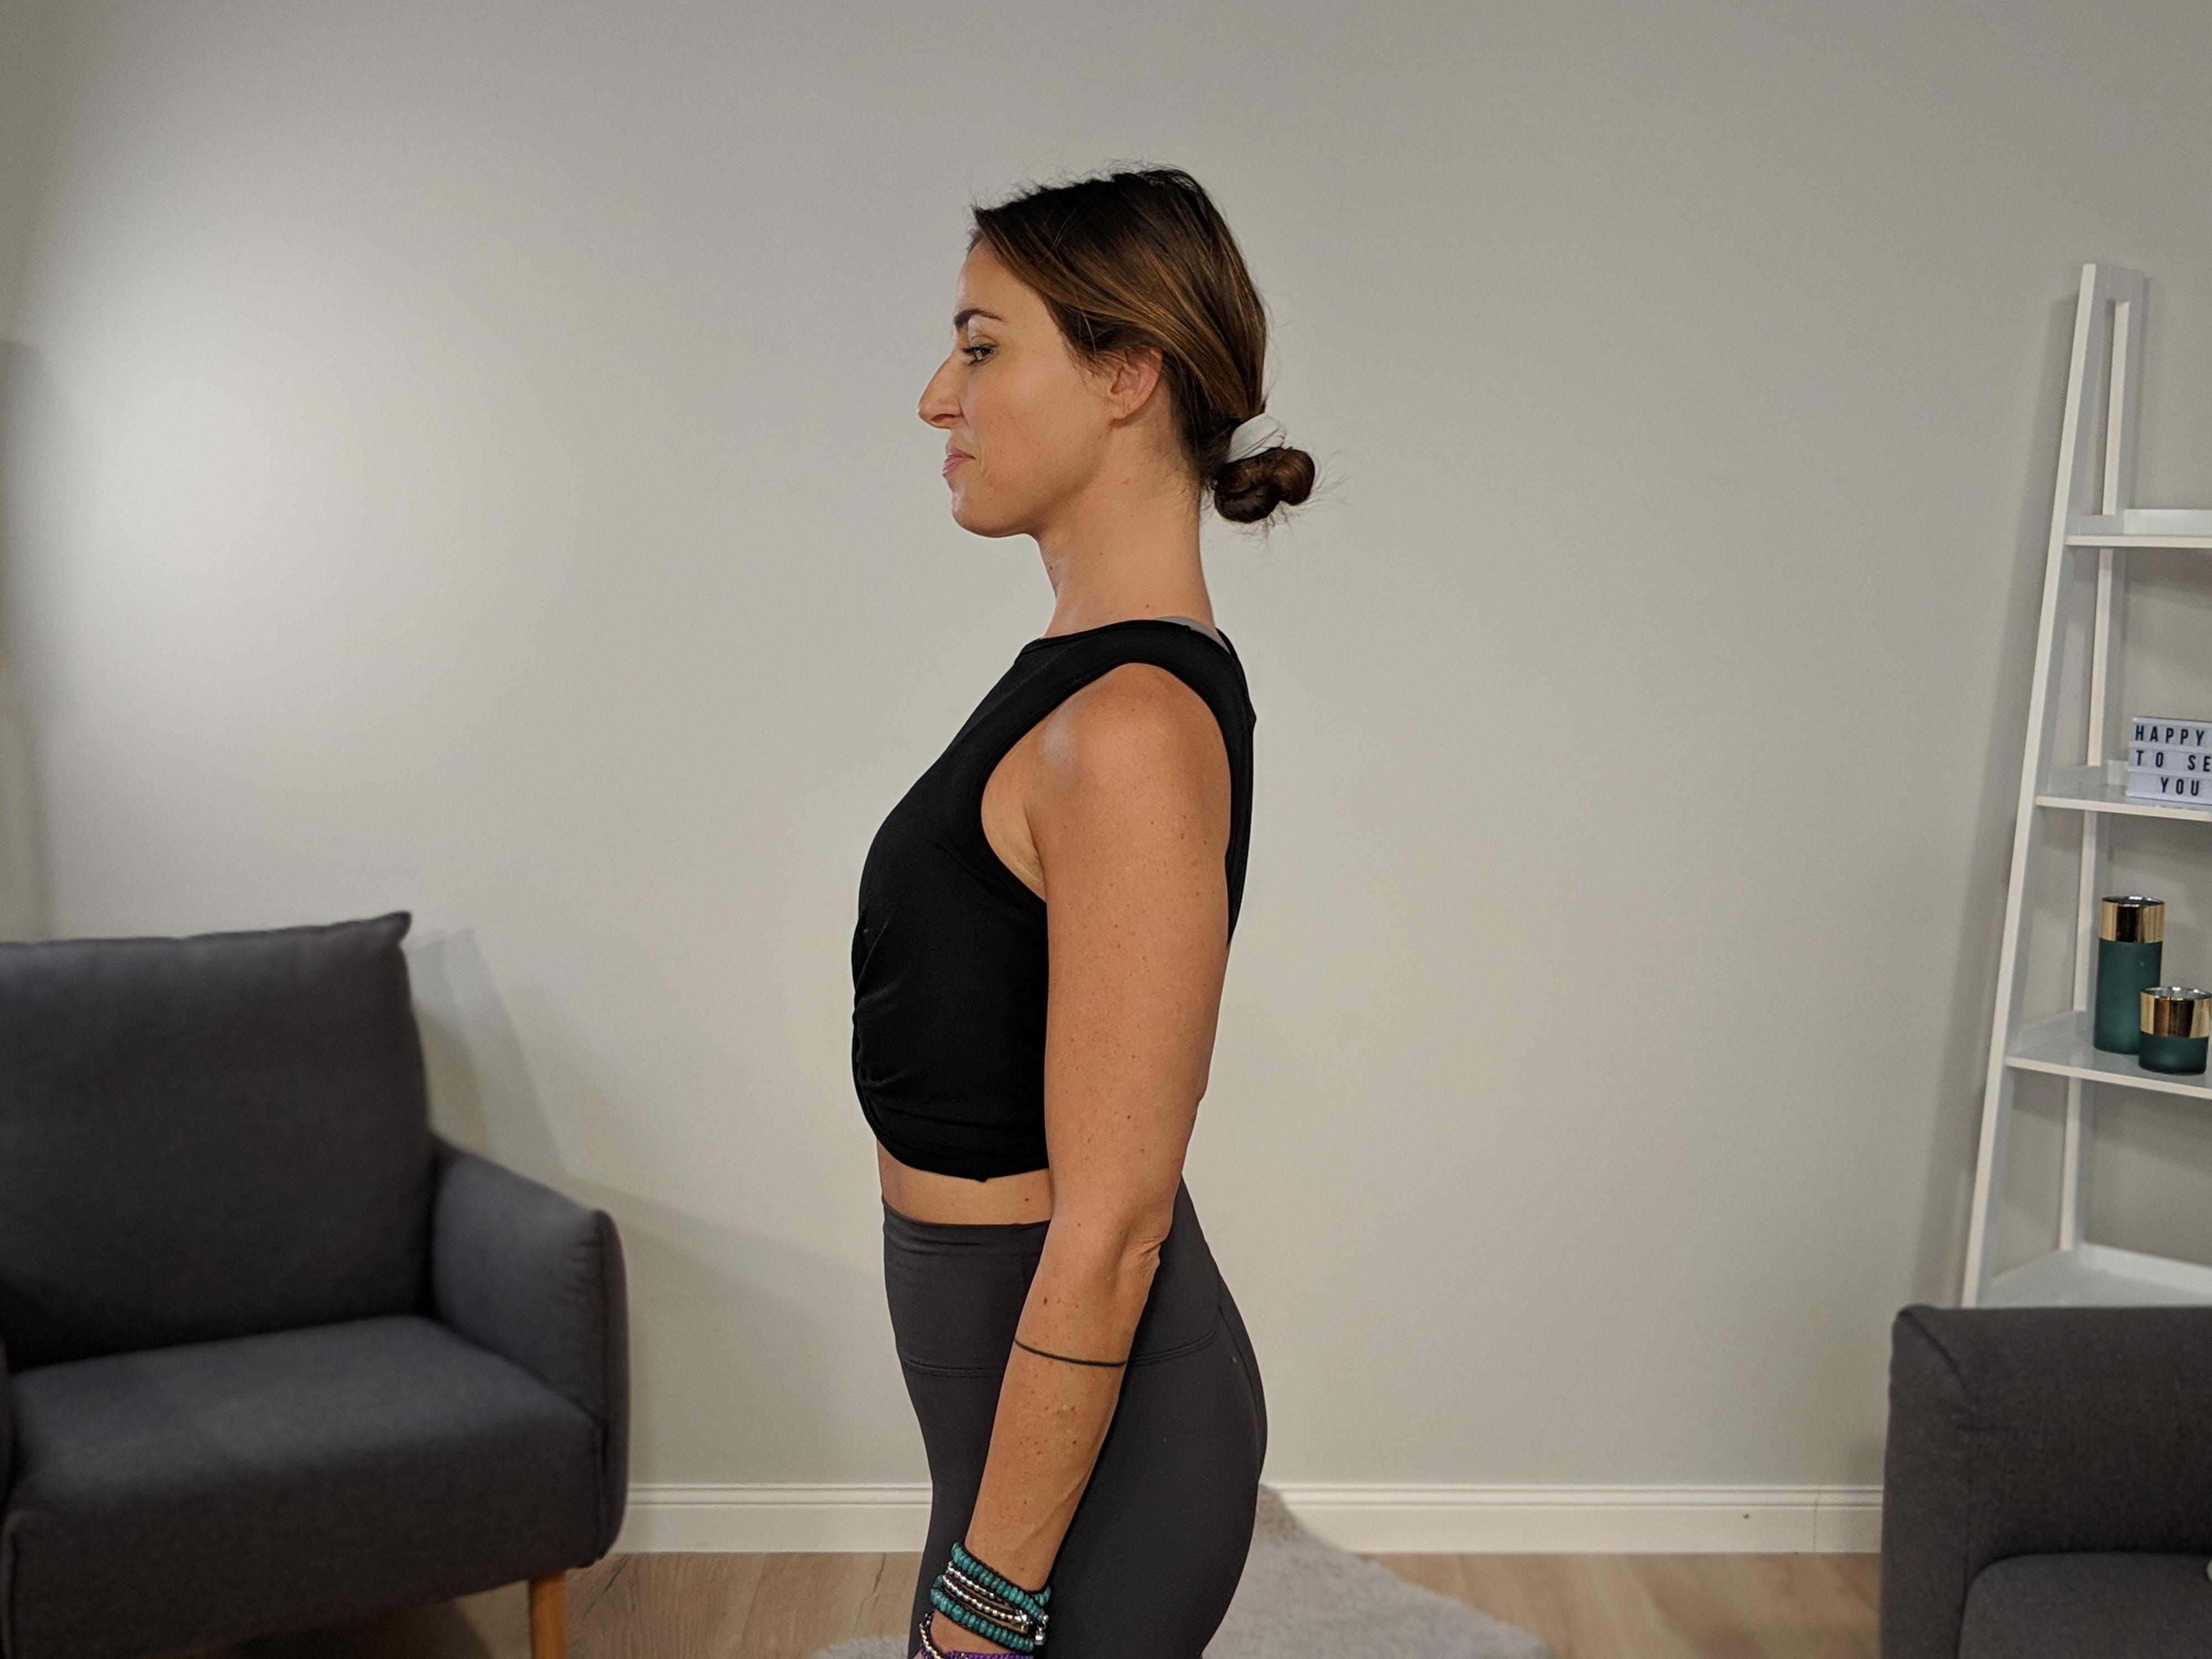 Wie kriege ich eine bessere Haltung? Frag die Yoga-Lehrerin! | BRIGITTE.de